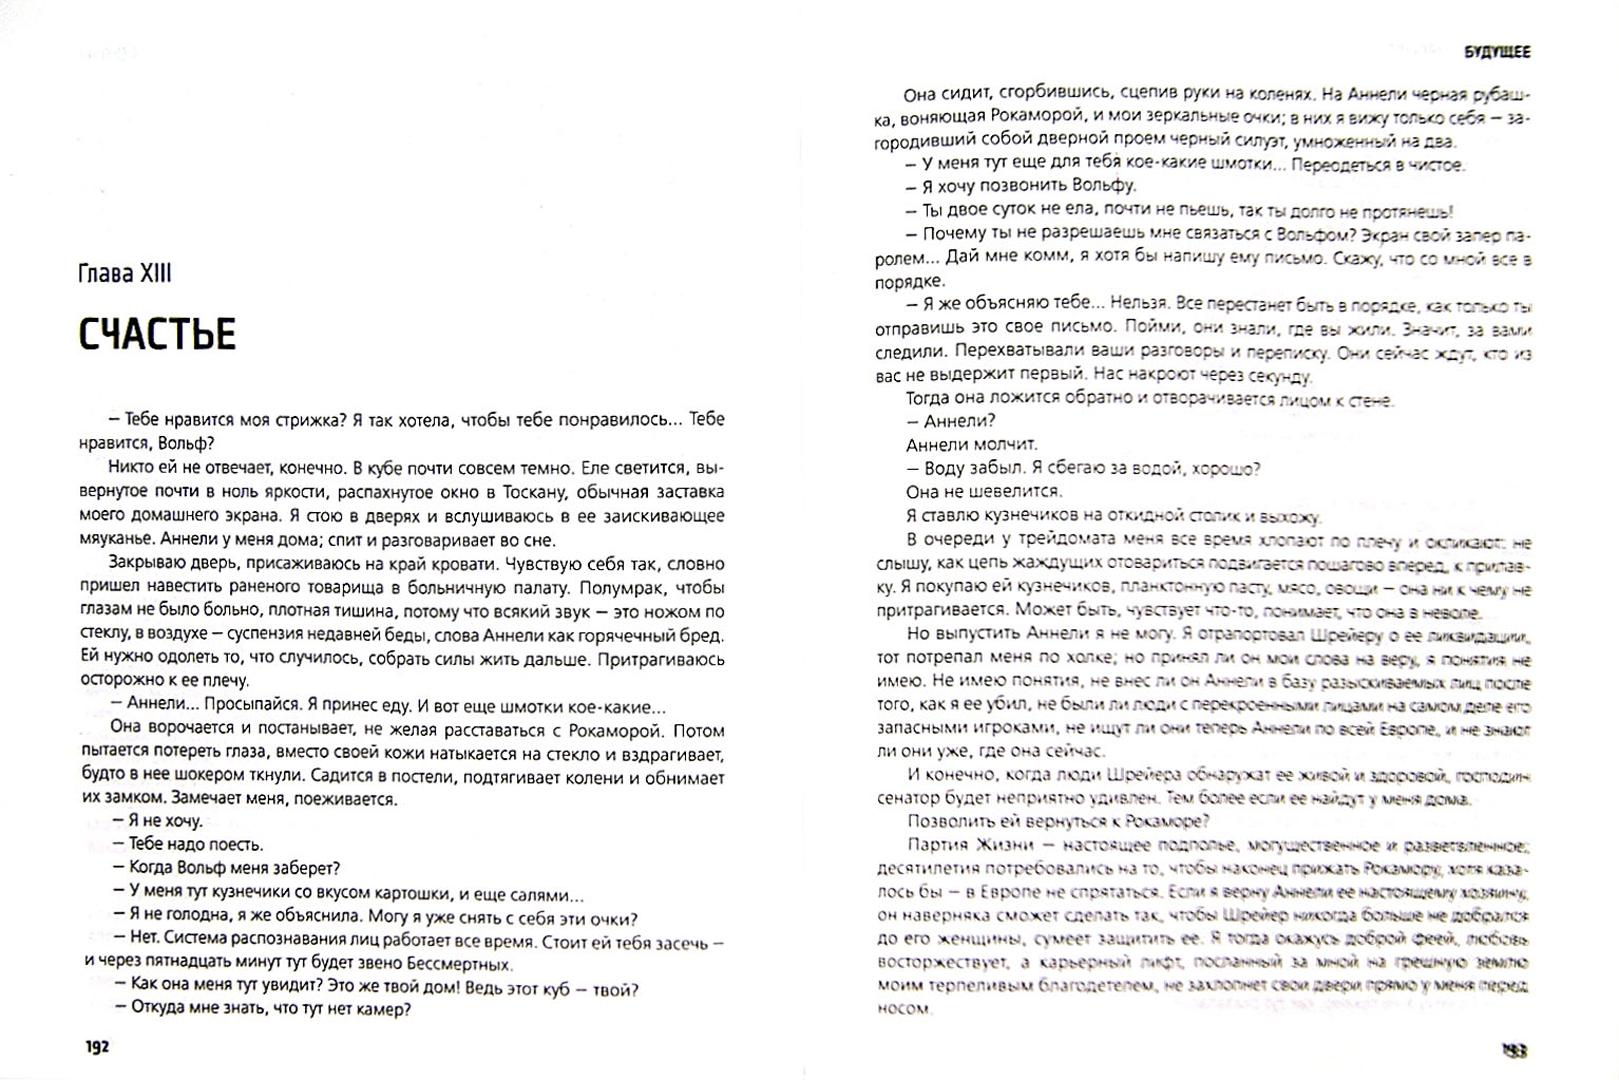 Иллюстрация 1 из 6 для Будущее - Дмитрий Глуховский | Лабиринт - книги. Источник: Лабиринт